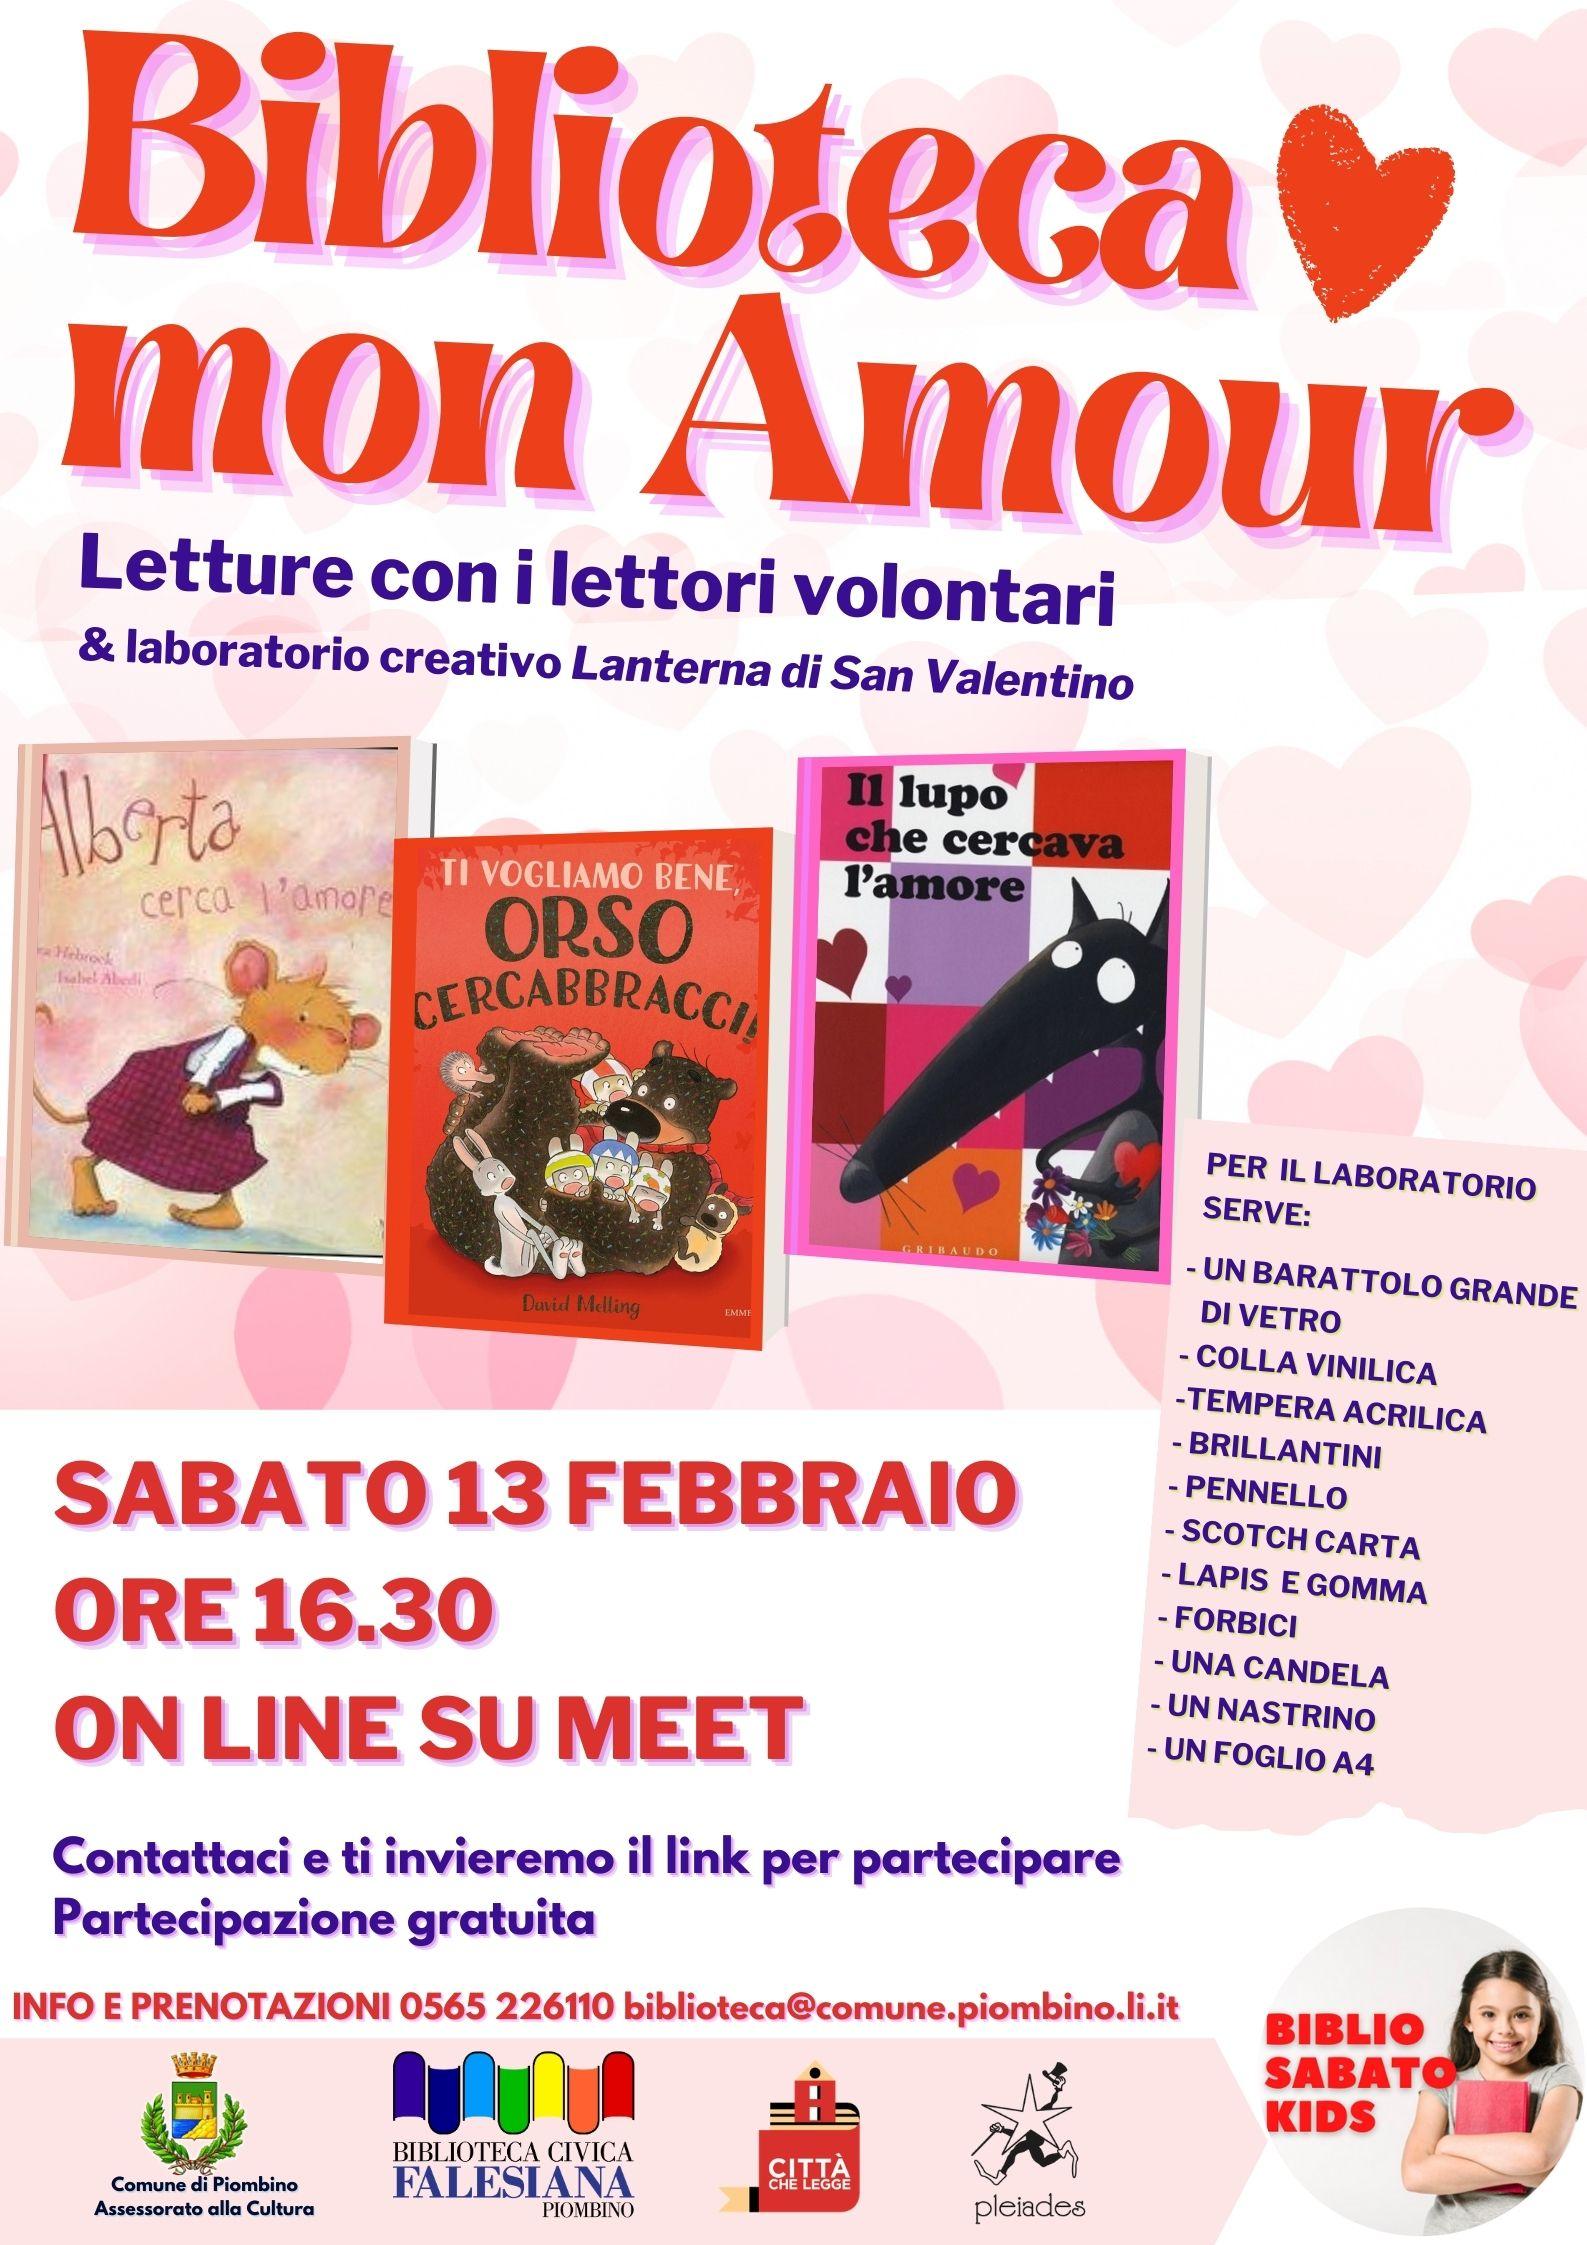 Nuovo appuntamento con il Biblio sabato kids dedicato a San Valentino